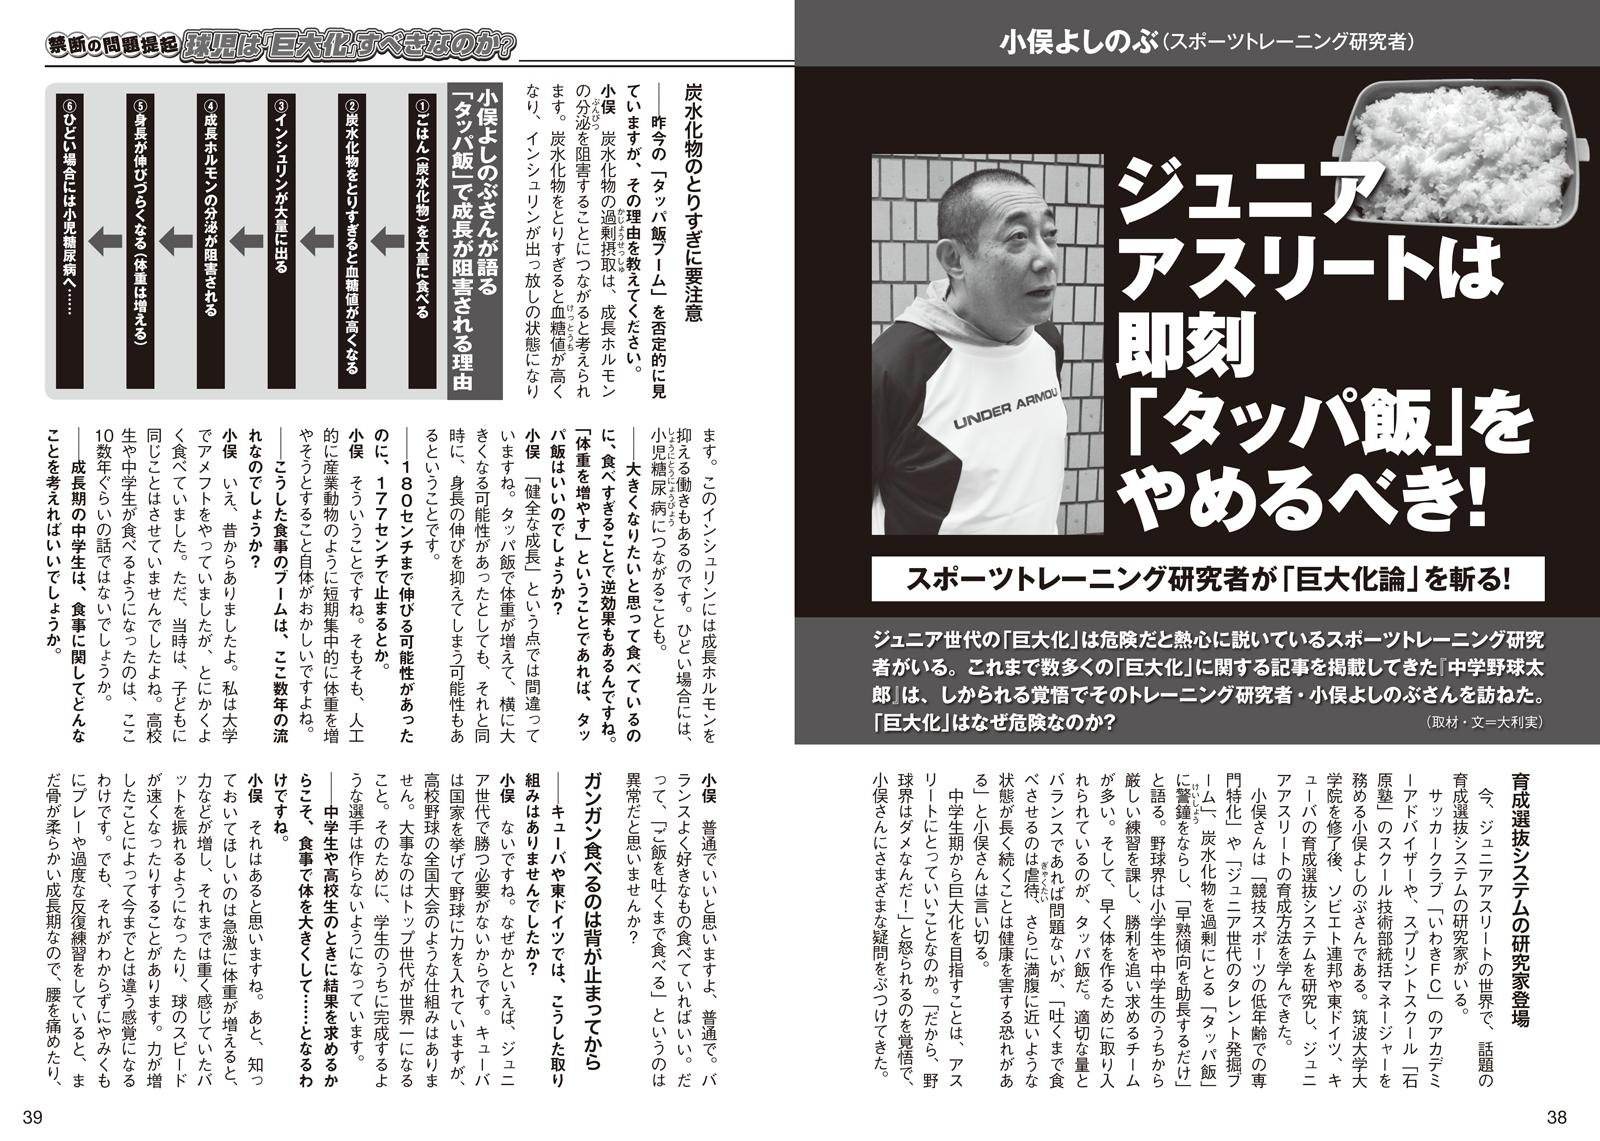 チラチラっと『中学野球太郎Vol.17』を立ち読みしませんか?